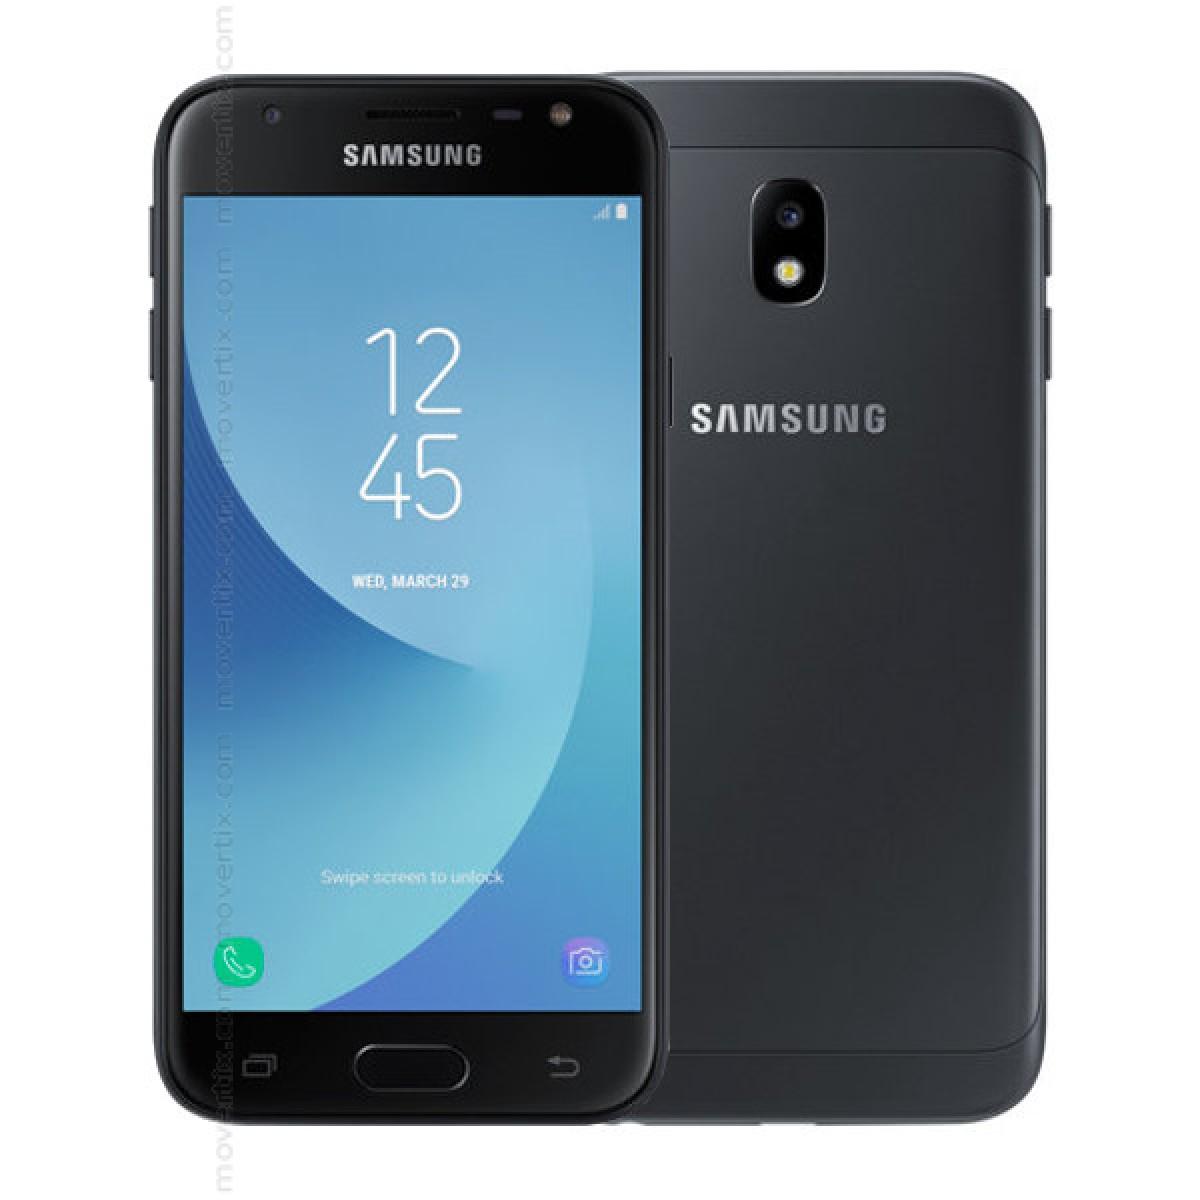 Samsung Galaxy J3 2017 SM-J330F ADB Enable File 100%Free